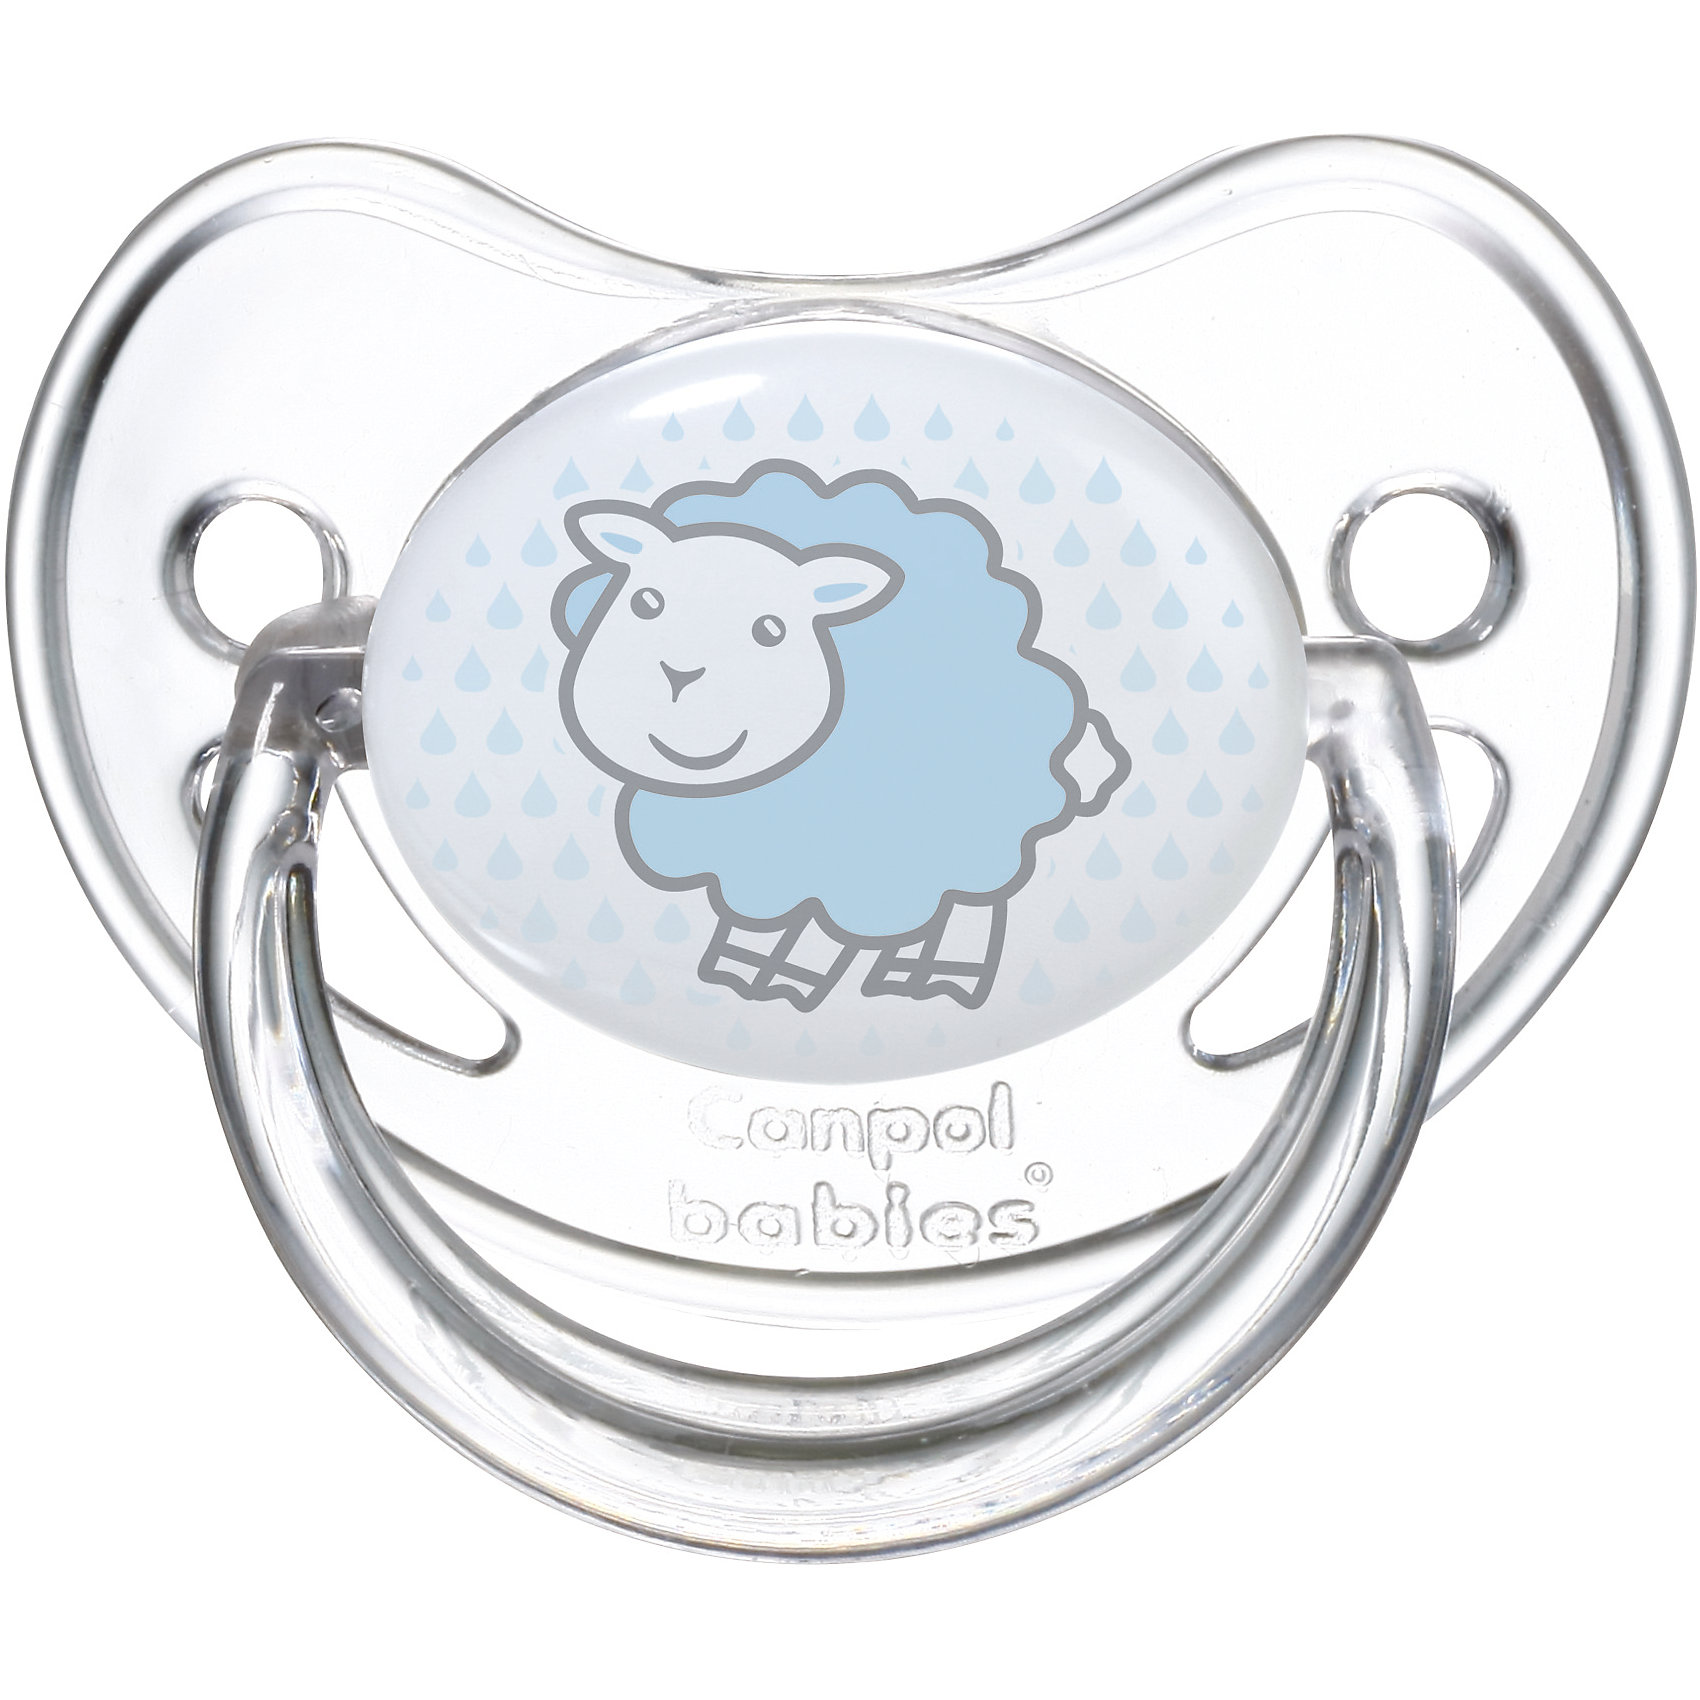 Пустышка анатомическая силиконовая, 6-18 Transparent, Canpol Babies, овечкаПустышки и аксессуары<br>Характеристики:<br><br>• Наименование: пустышка<br>• Пол: для мальчика<br>• Материал: силикон, пластик<br>• Цвет: белый, голубой<br>• Форма: анатомическая<br>• Наличие отверстий для вентиляции<br>• Наличие кольца для держателя<br>• Особенности ухода: регулярная стерилизация и своевременная замена<br><br>Пустышка анатомическая силиконовая, 6-18 Transparent, Canpol Babies, овечка имеет специальную форму, которая обеспечивает правильное давление на небо. Изготовлена из запатентованного вида силикона, который не имеет запаха. При правильном уходе обеспечивает длительное использование. У соски имеется ограничитель из прозрачного пластика, который учитывает анатомические особенности детского личика, и кольцо для держателя. Пустышка анатомическая силиконовая, 6-18 Transparent, Canpol Babies, овечка выполнена в стильном дизайне с изображением милой овечки.<br><br>Пустышку анатомическую силиконовую, 6-18 Transparent, Canpol Babies, овечку можно купить в нашем интернет-магазине.<br><br>Ширина мм: 95<br>Глубина мм: 45<br>Высота мм: 155<br>Вес г: 110<br>Возраст от месяцев: 6<br>Возраст до месяцев: 18<br>Пол: Мужской<br>Возраст: Детский<br>SKU: 5156628